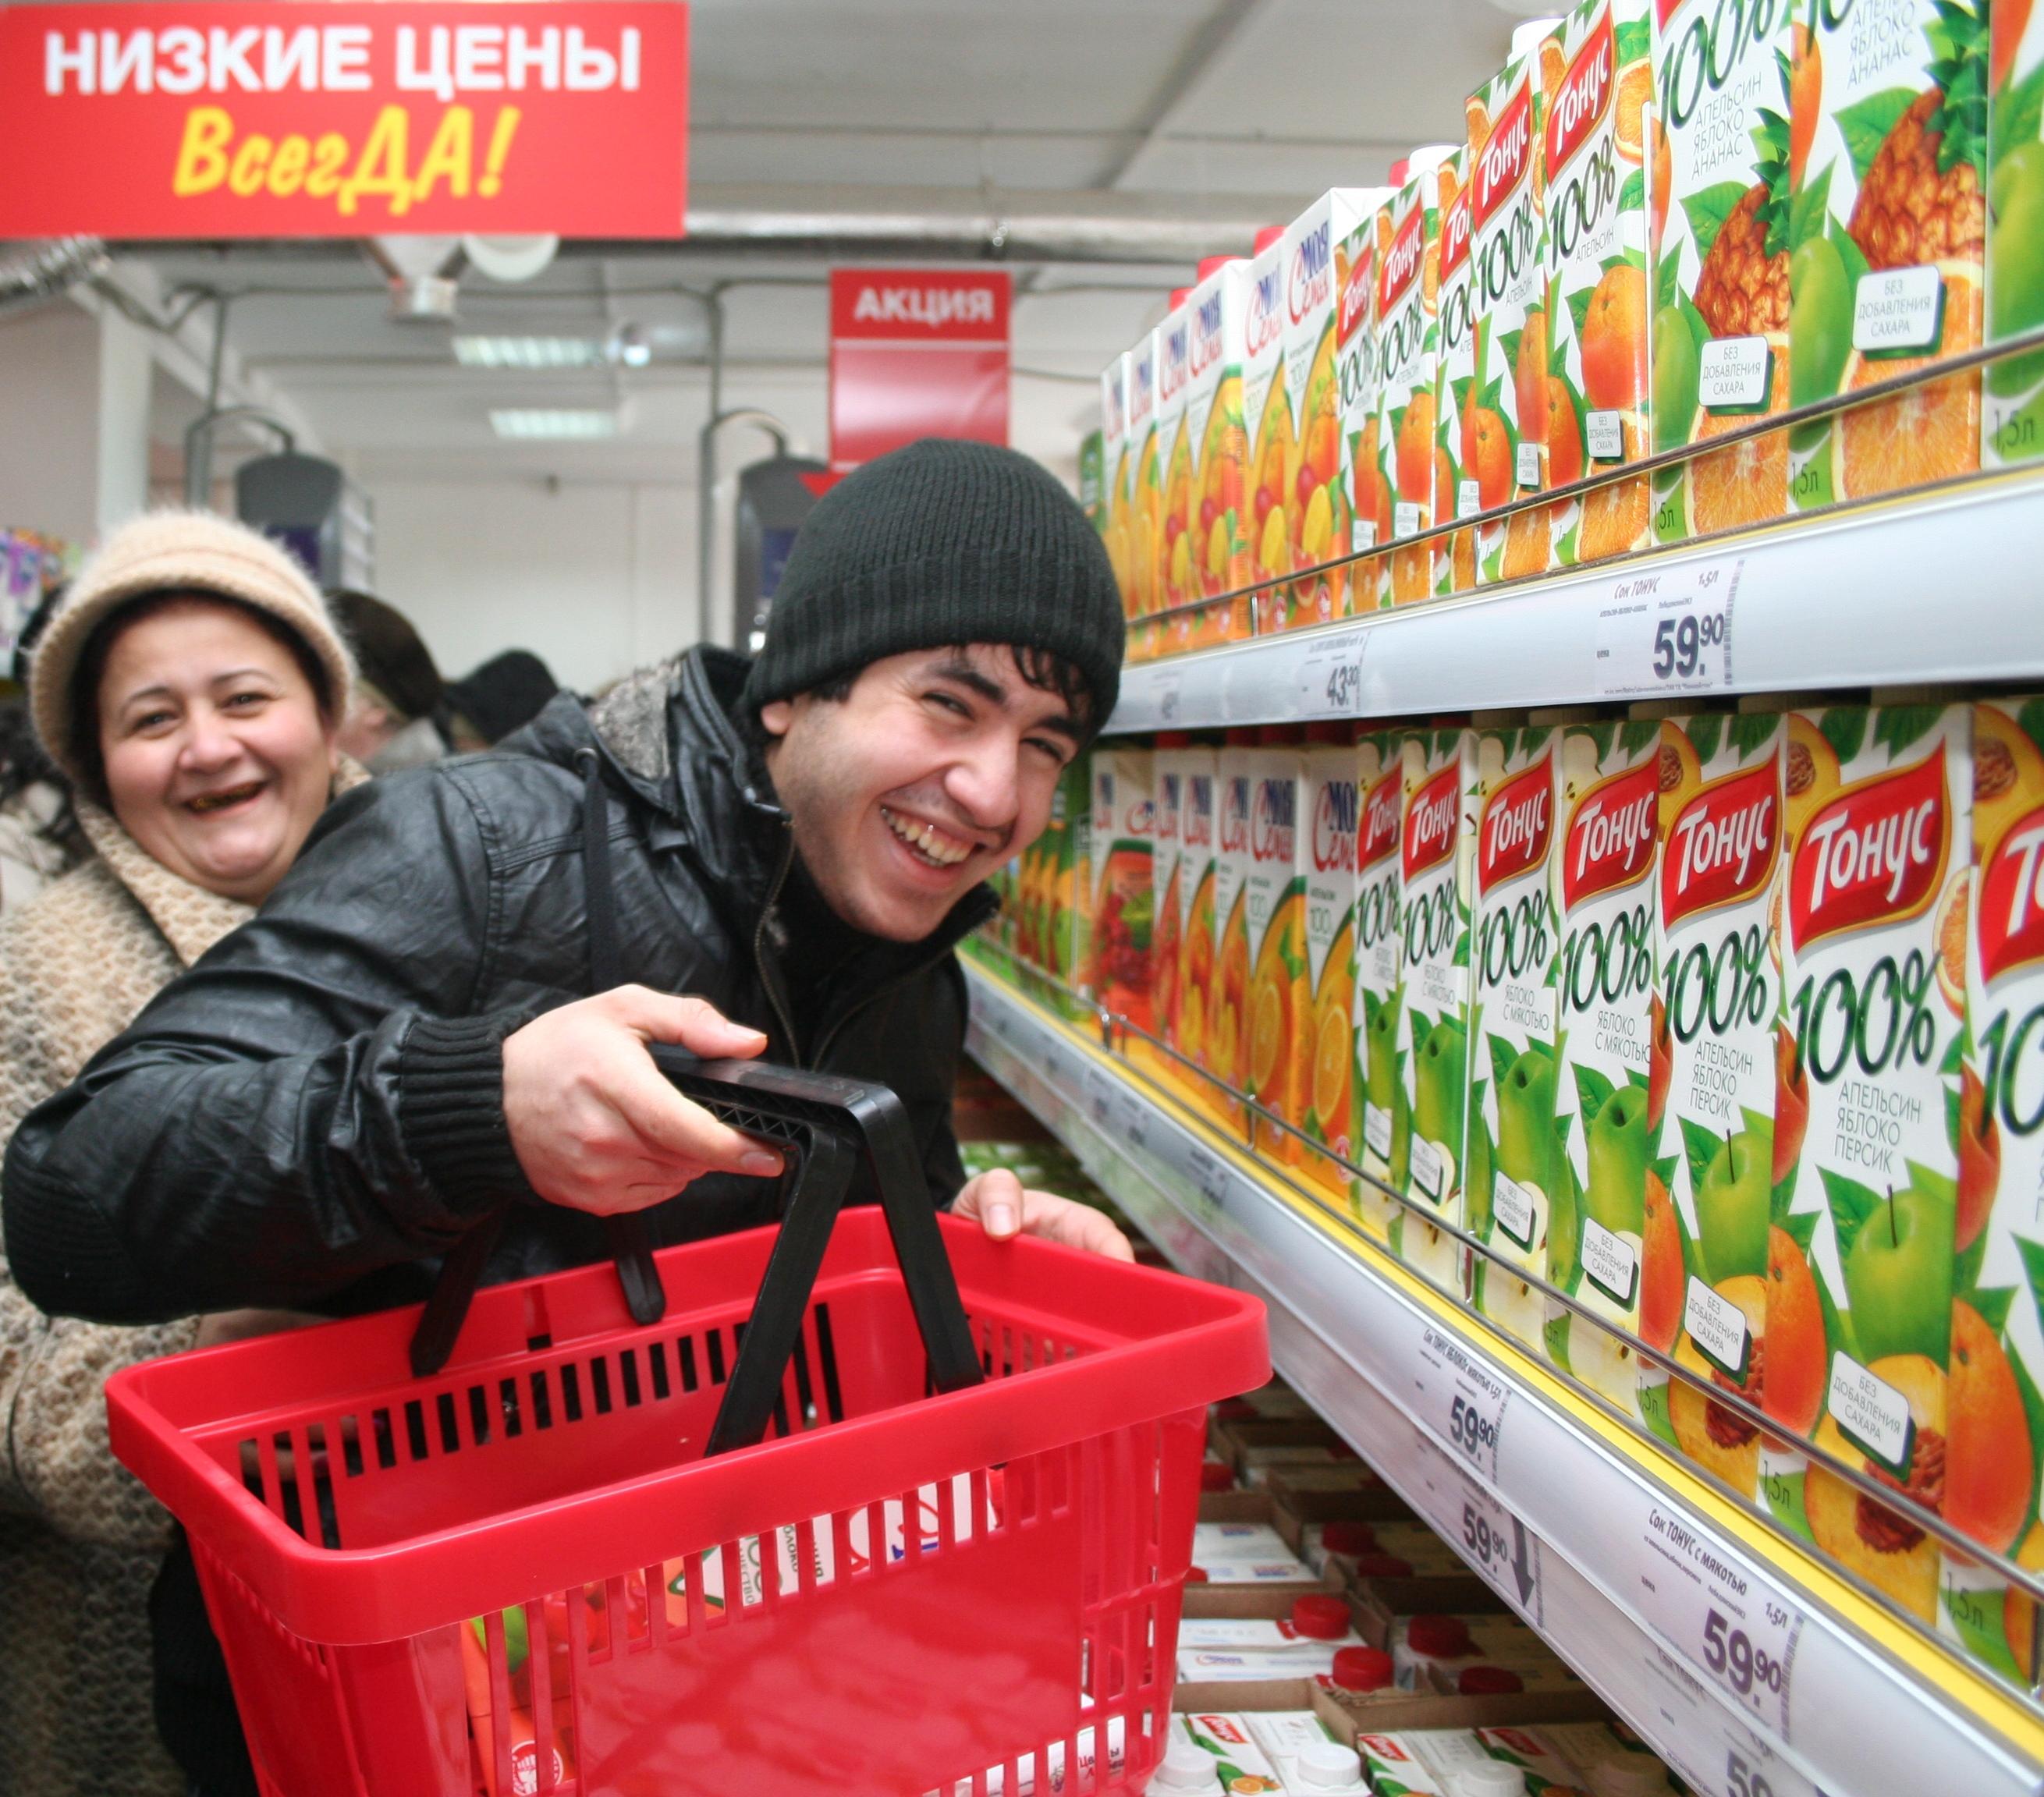 Месячный рост цен в РФ остановился впервый раз за5 лет